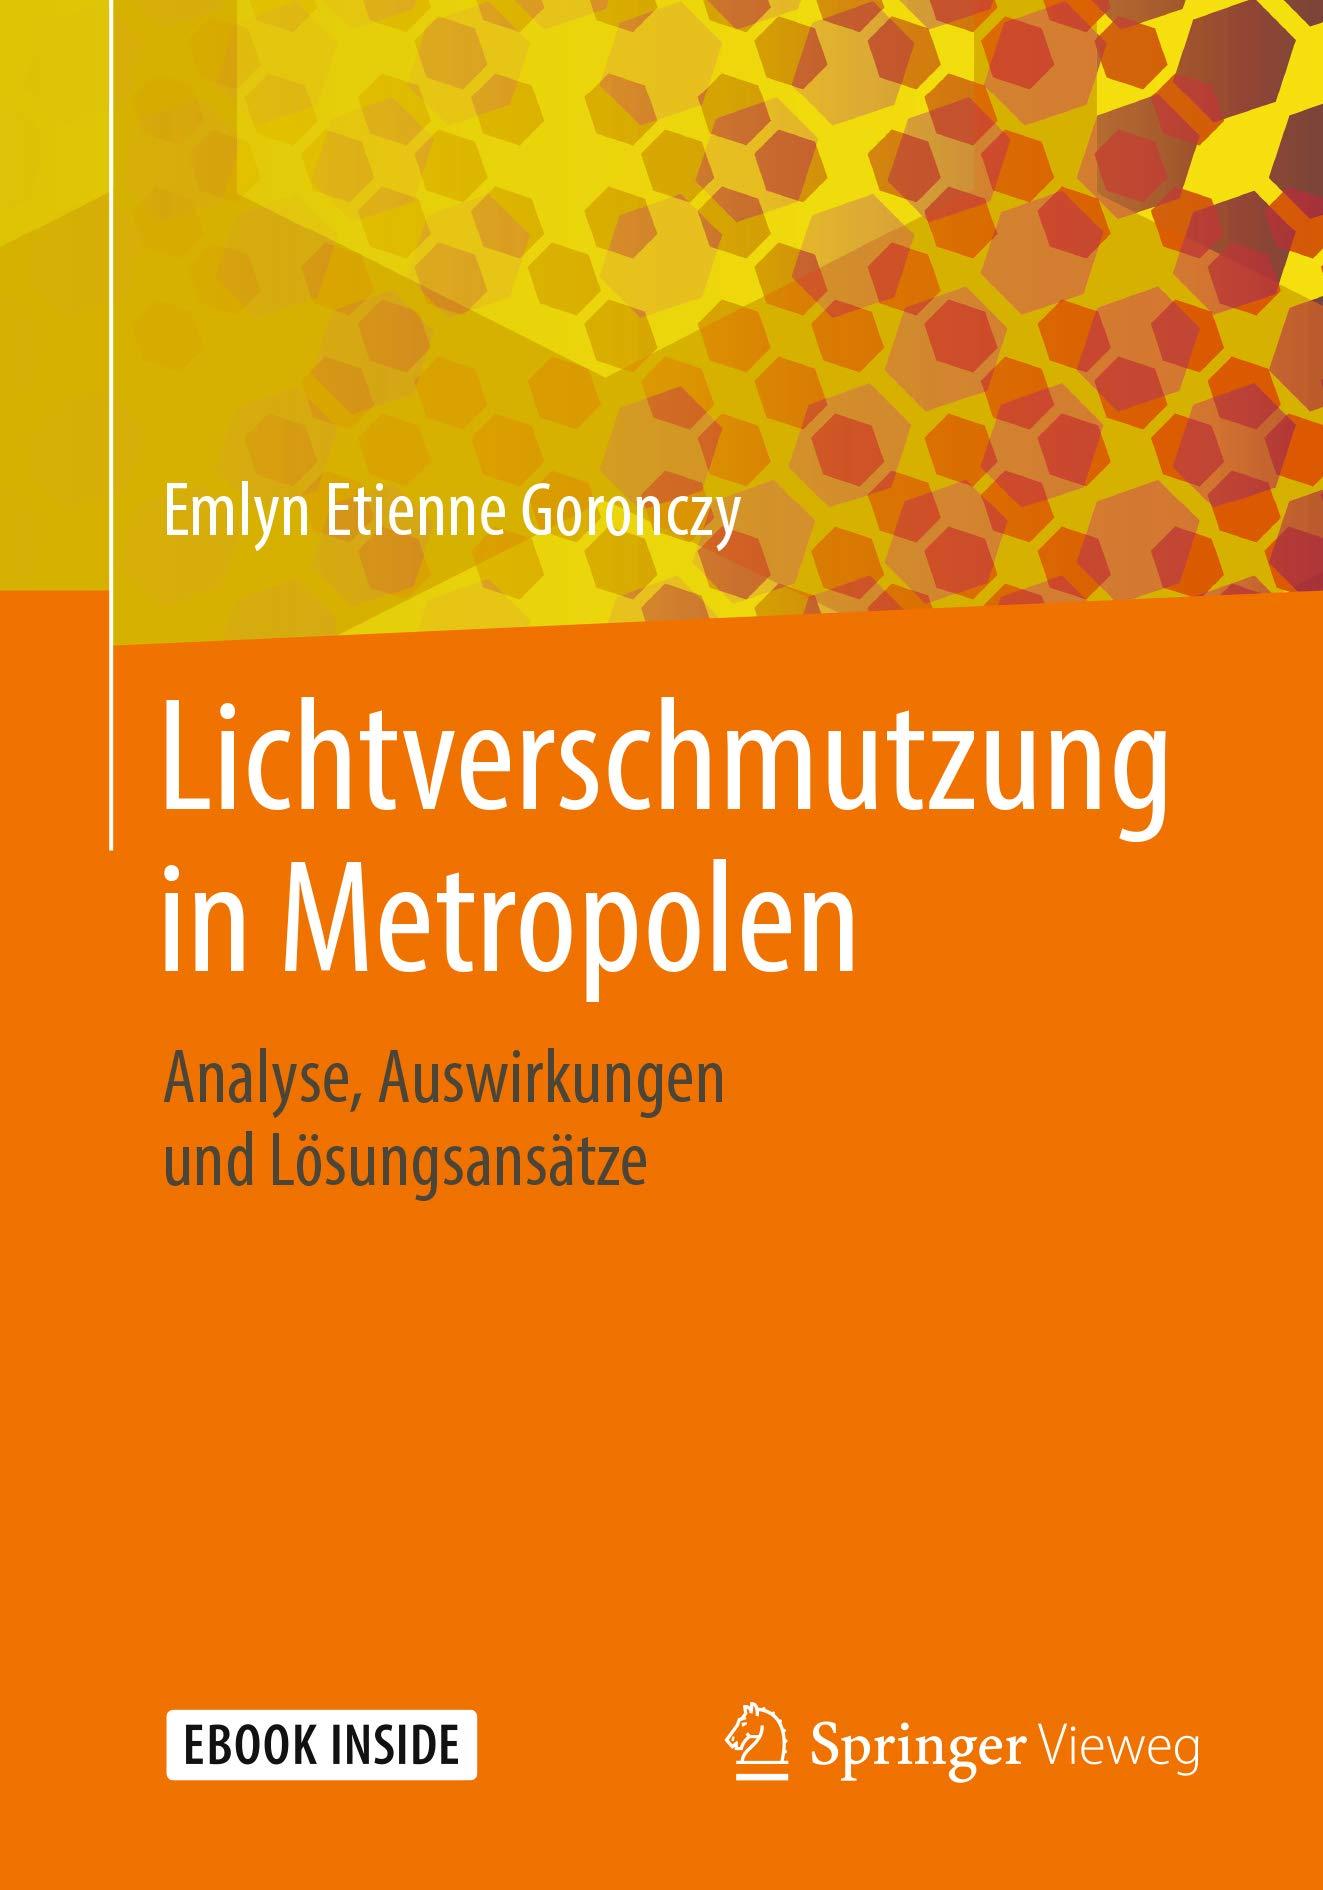 Lichtverschmutzung in Metropolen: Analyse, Auswirkungen und Lösungsansätze (German Edition)